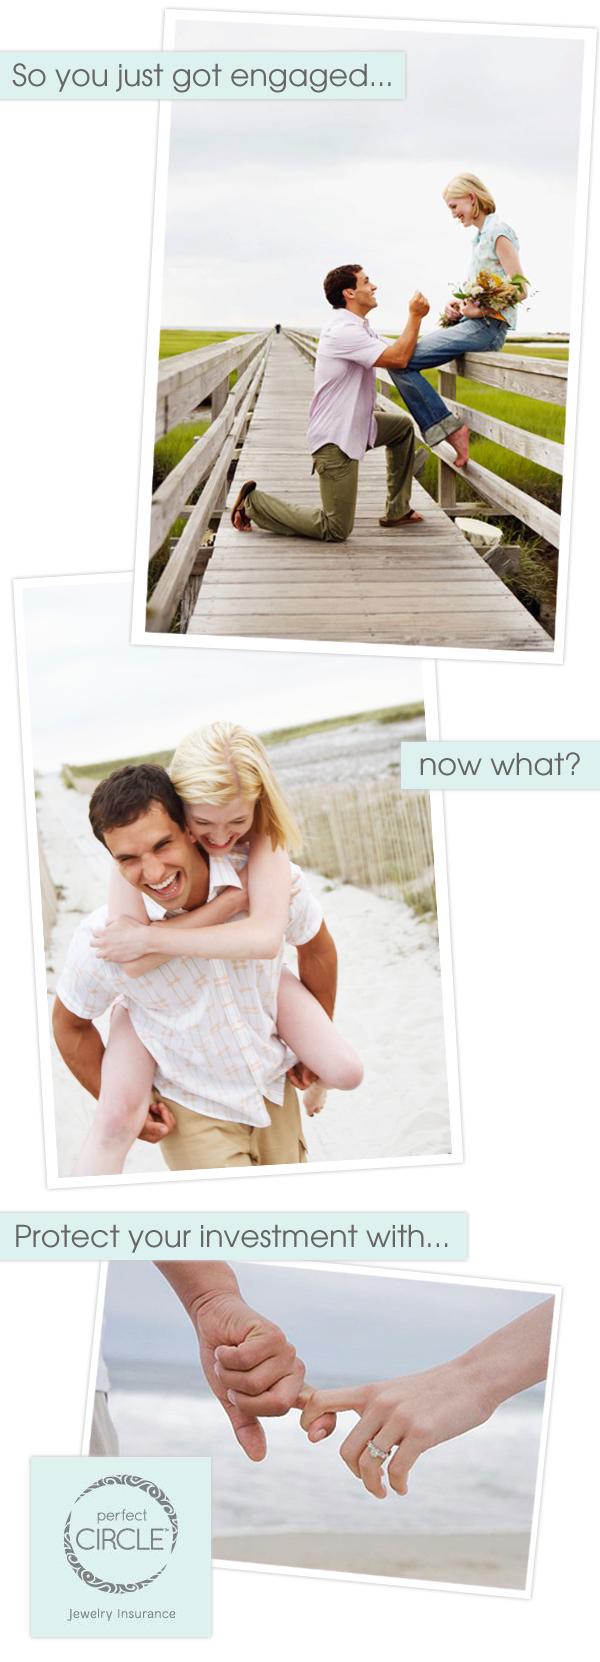 Perfect Circle Jewelry Insurance by Jewelers Mutual